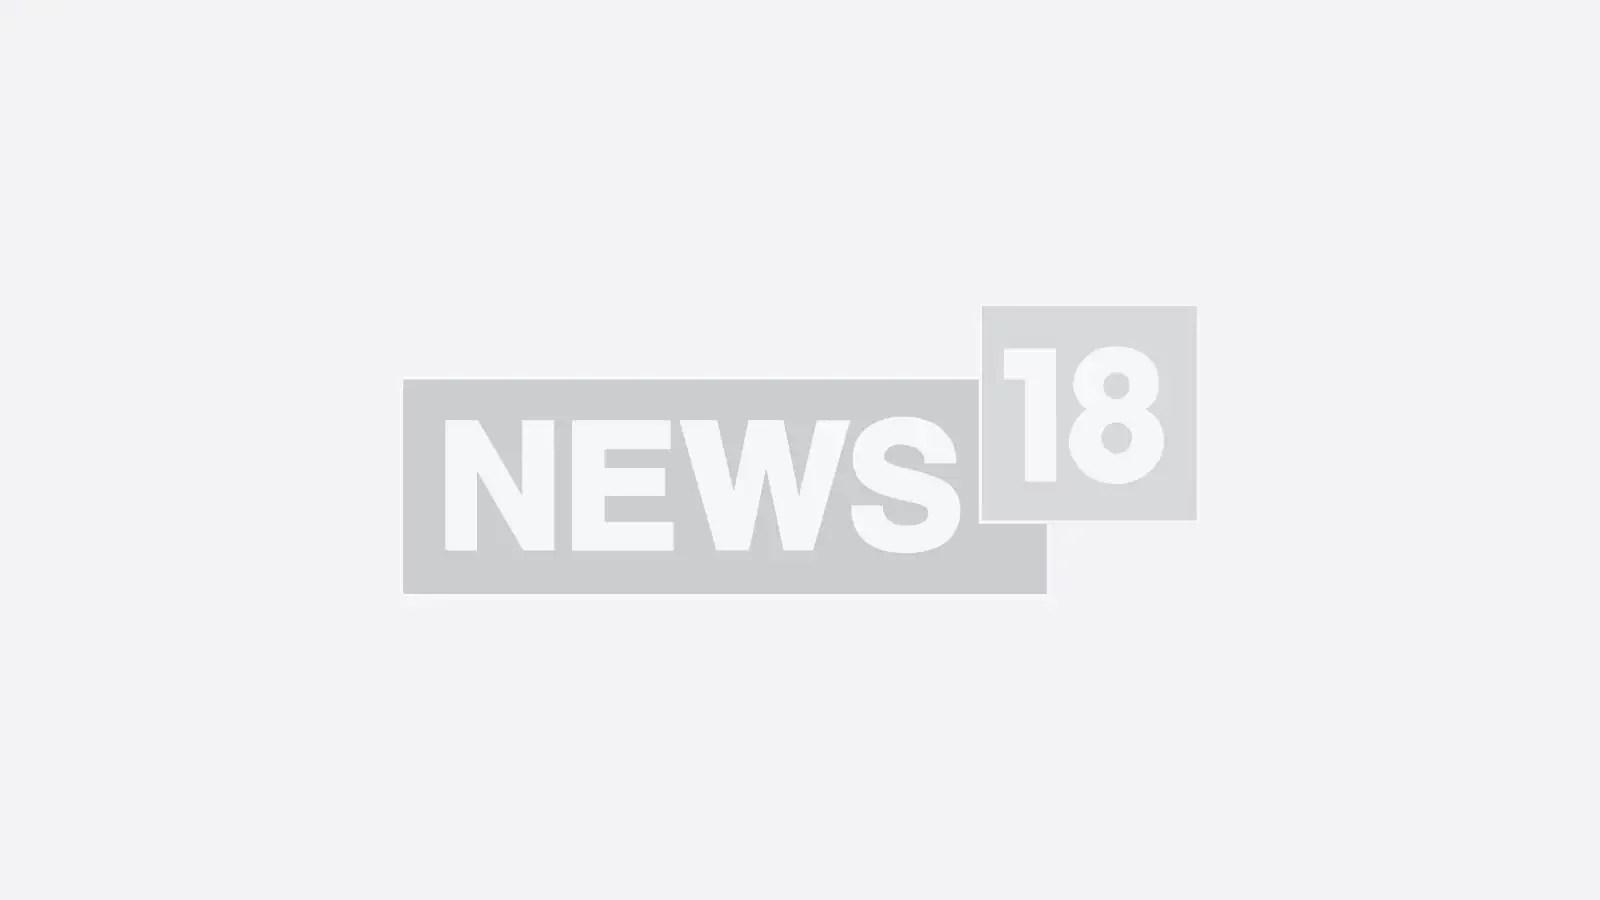 अमेरिकी सैन्य सहायता इस्राइल-प्रबंधित टैंकर ने ओमान के पास हमला किया